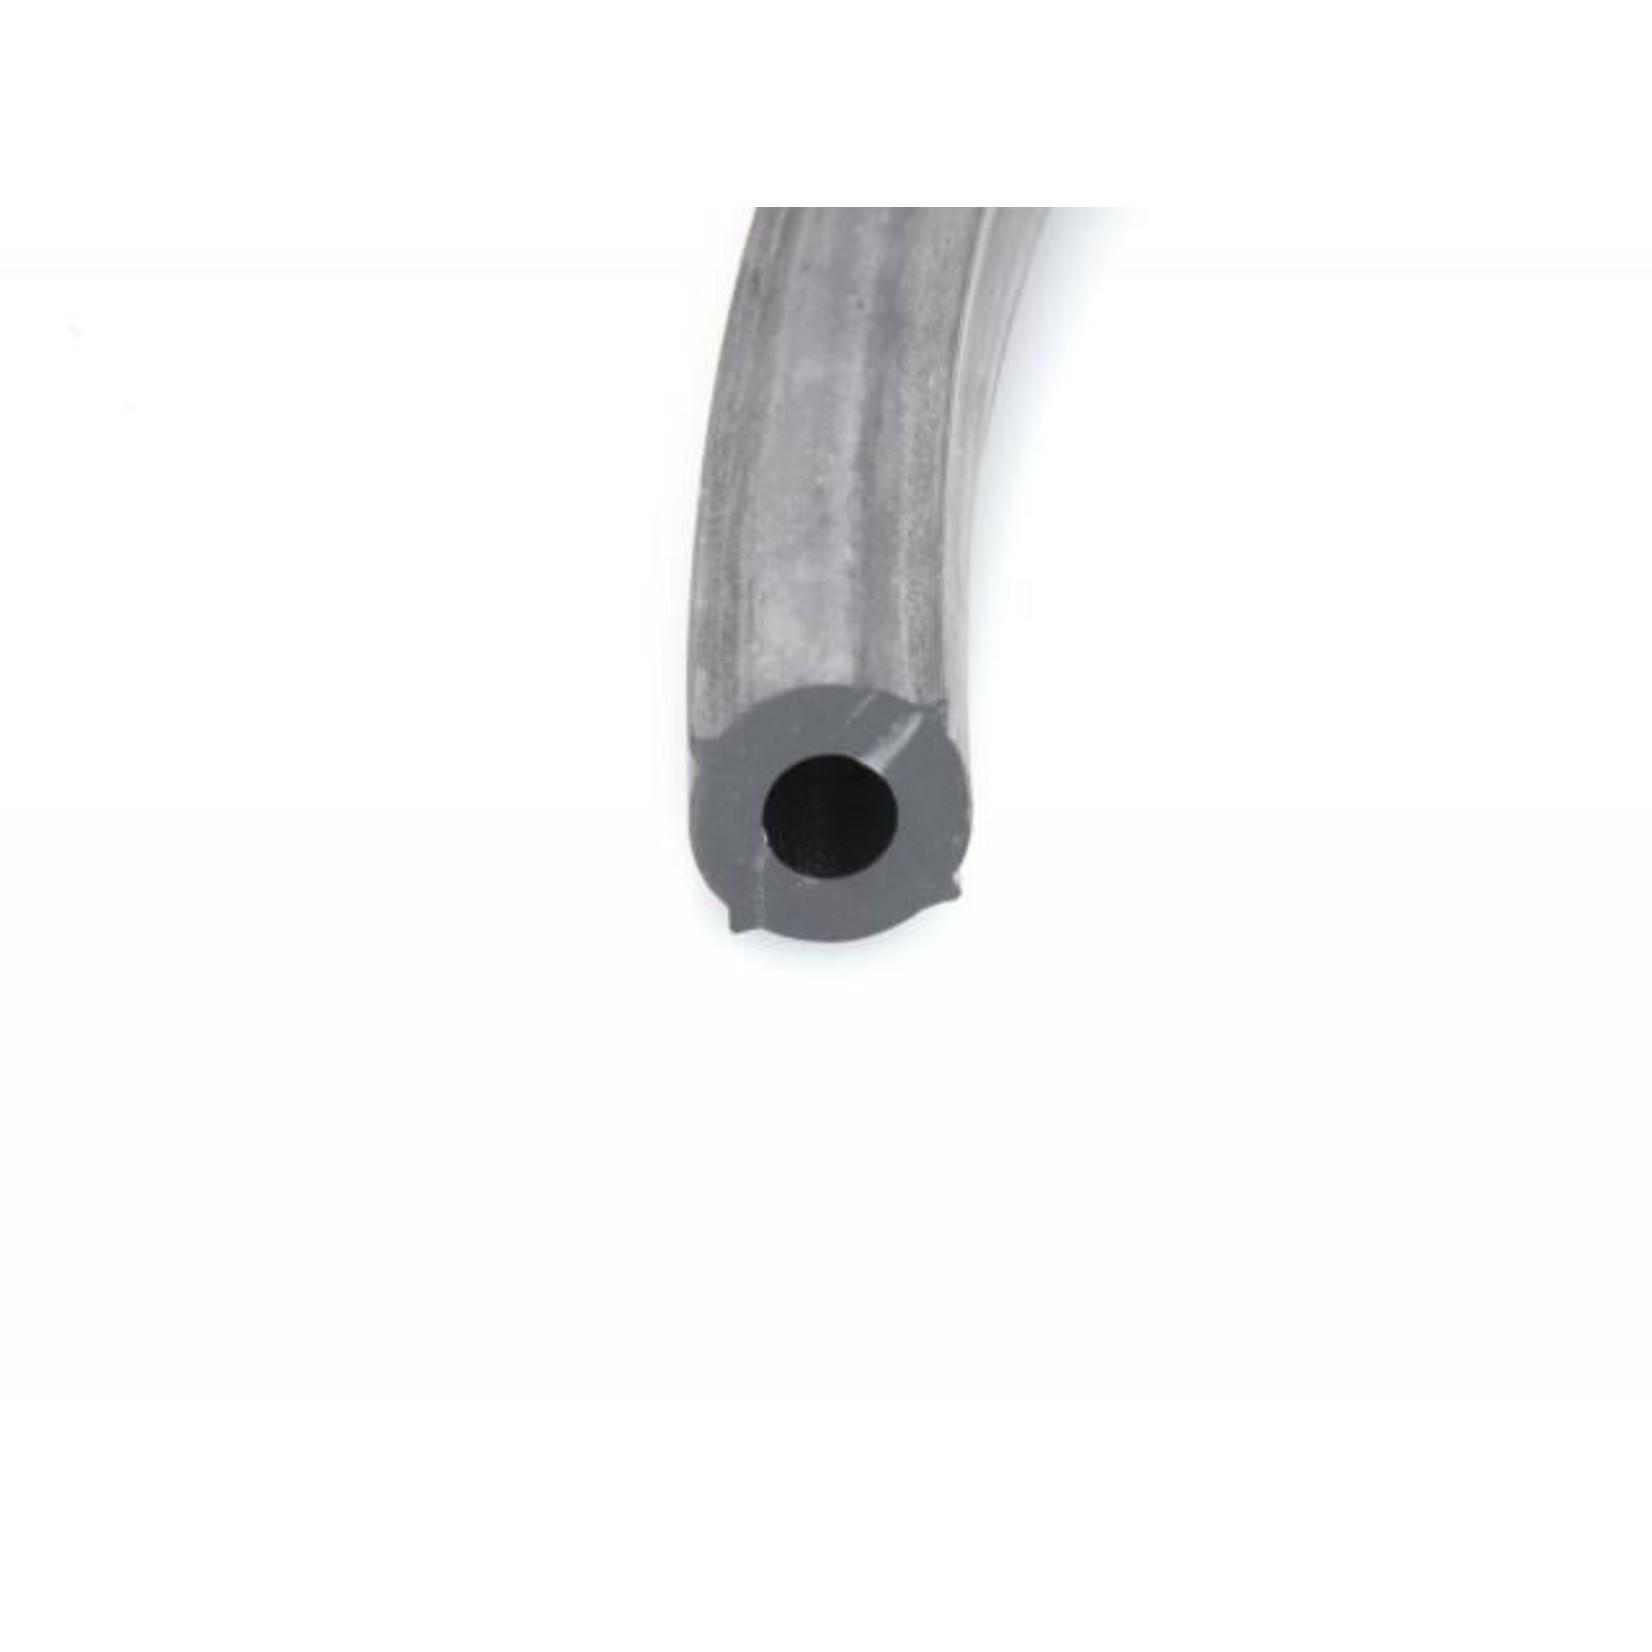 Tube retour caoutchouc LHS 11 x 18mm Nr Org: DS314123